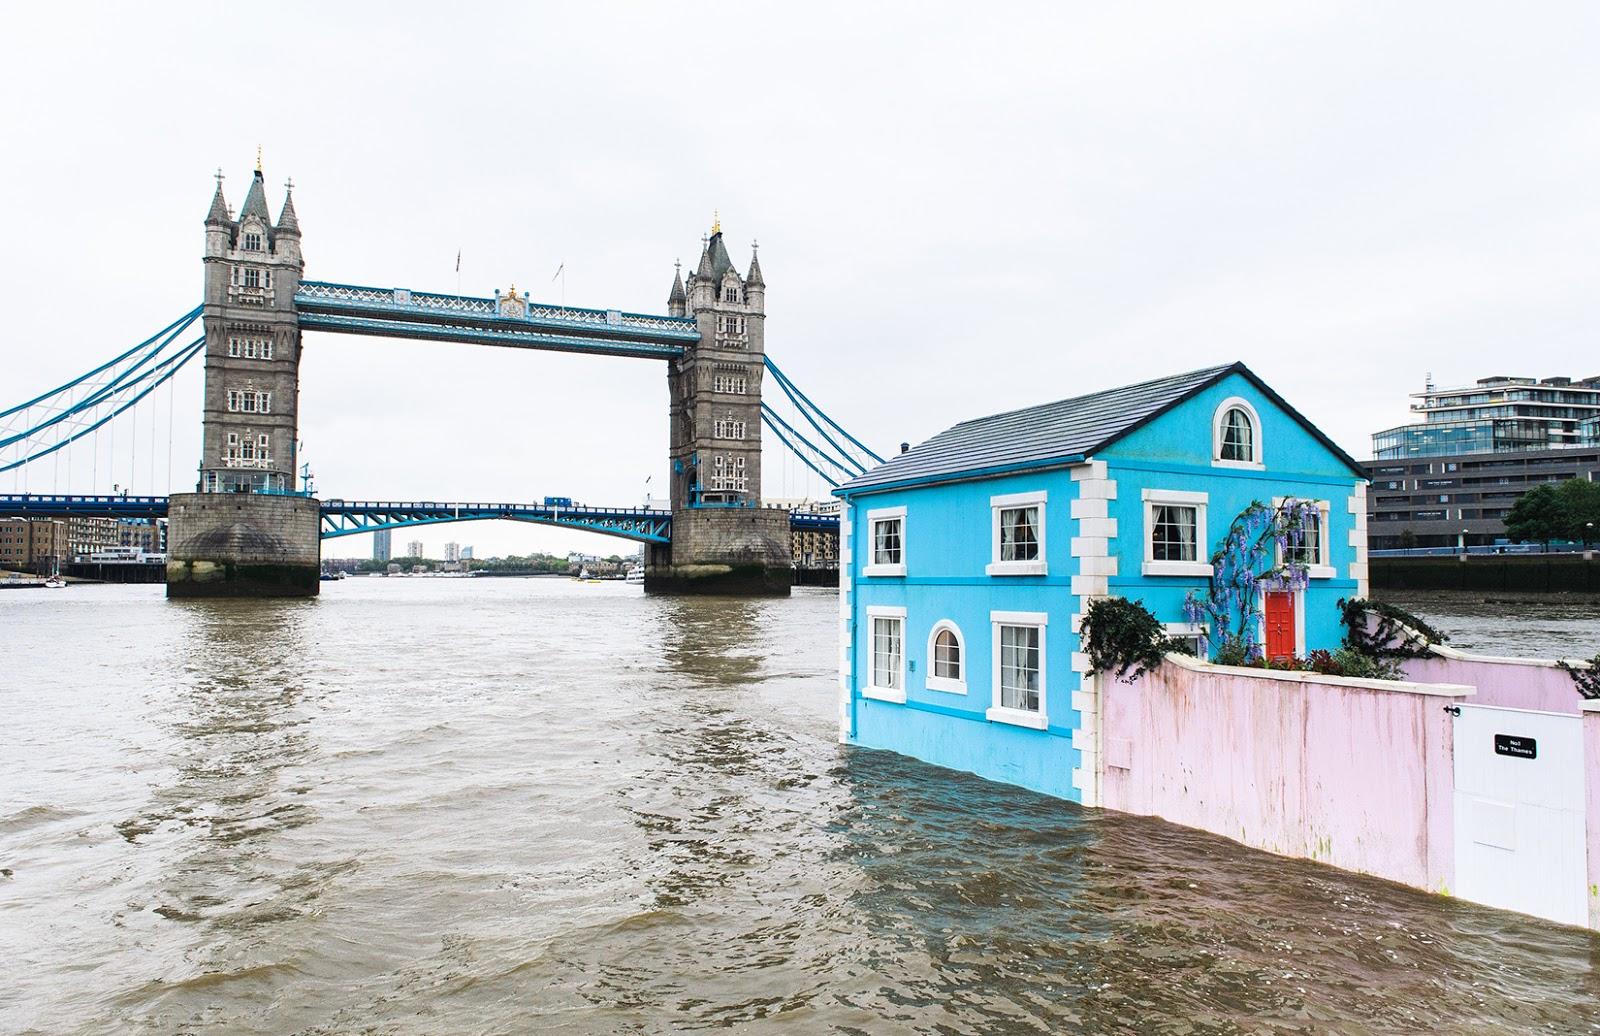 Per filo e per di segno architettura una villetta azzurra